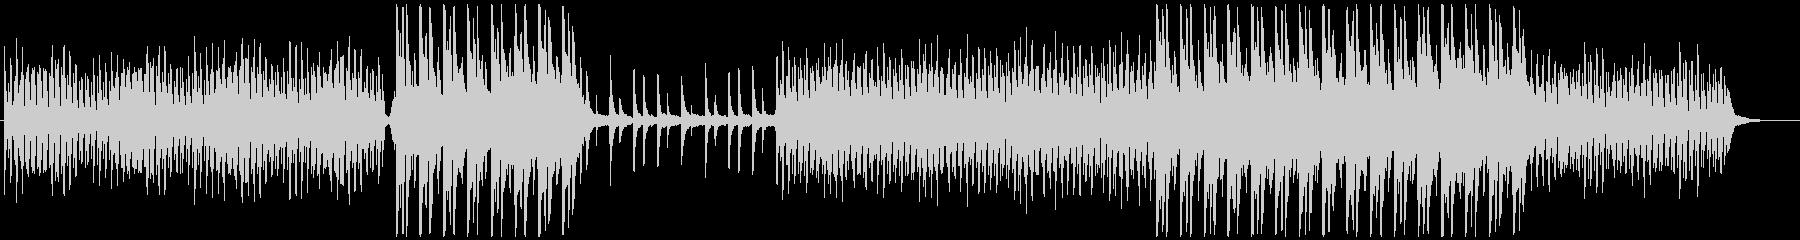 穏やかで雄大なオーケストラ-自然-pvの未再生の波形